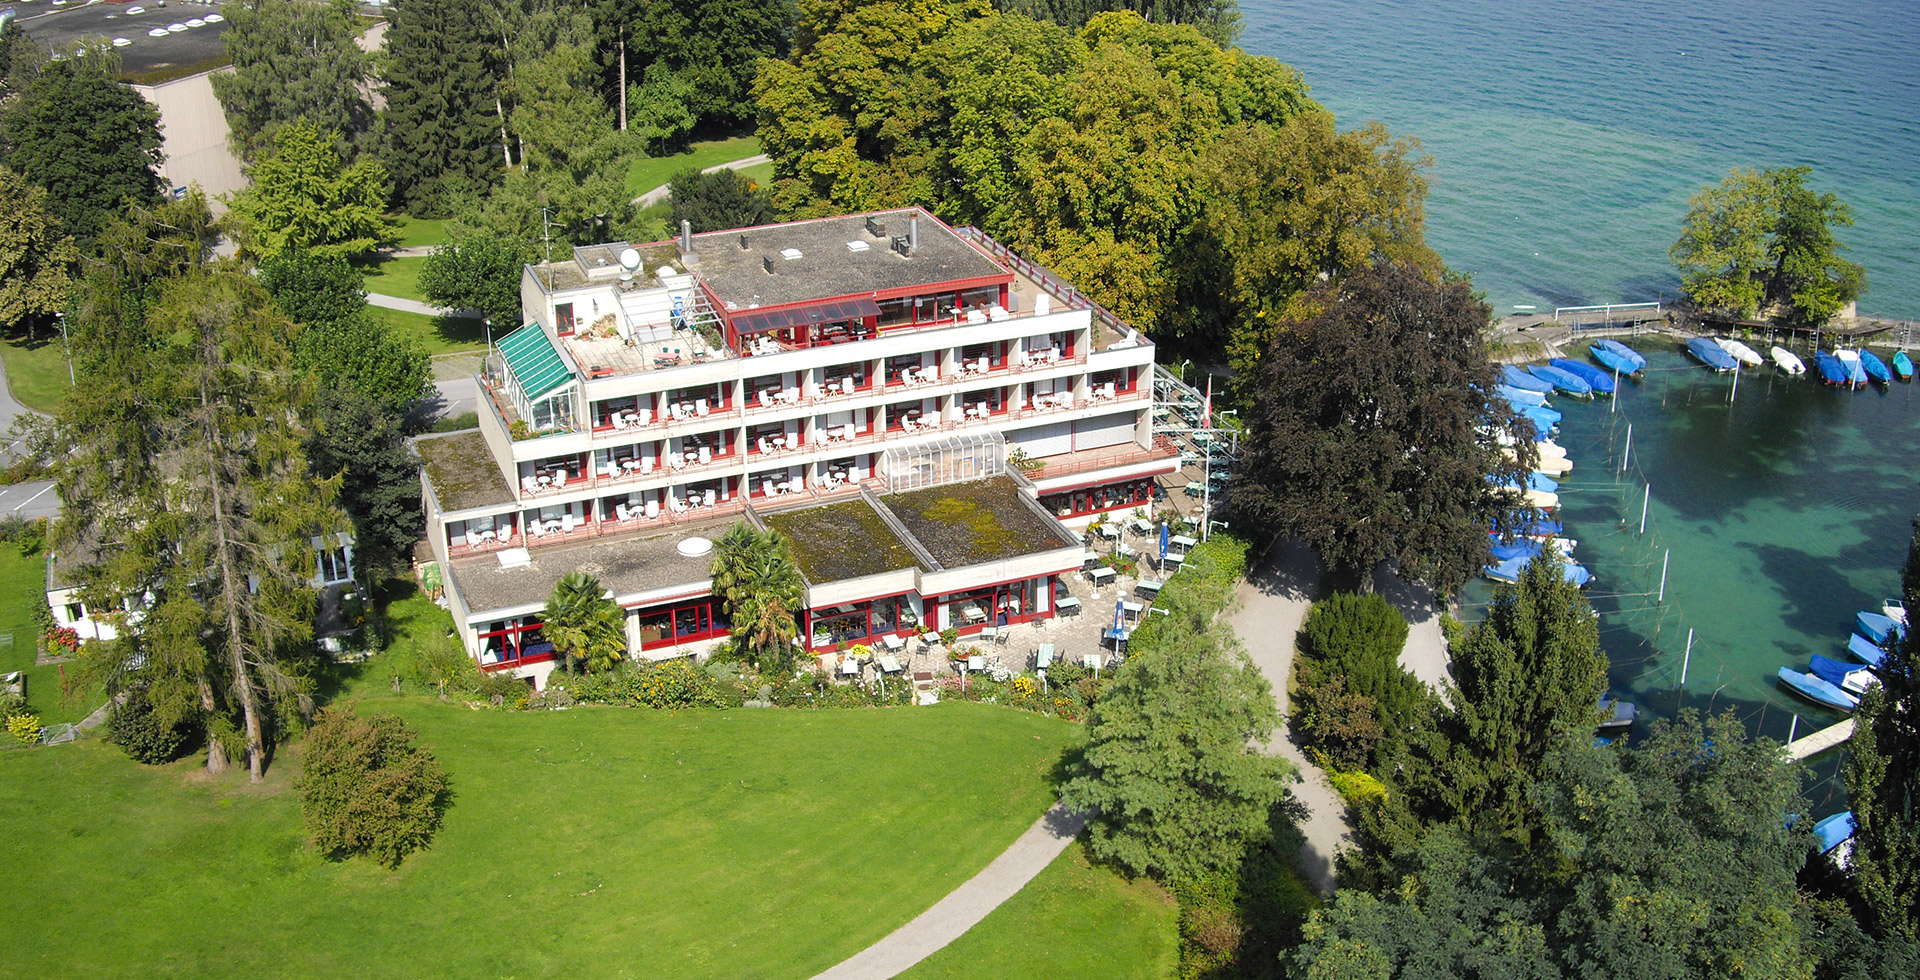 Slide Start-Hafen-Romanshorn-Park-Hotel Inseli-cr-5986k-1920x980